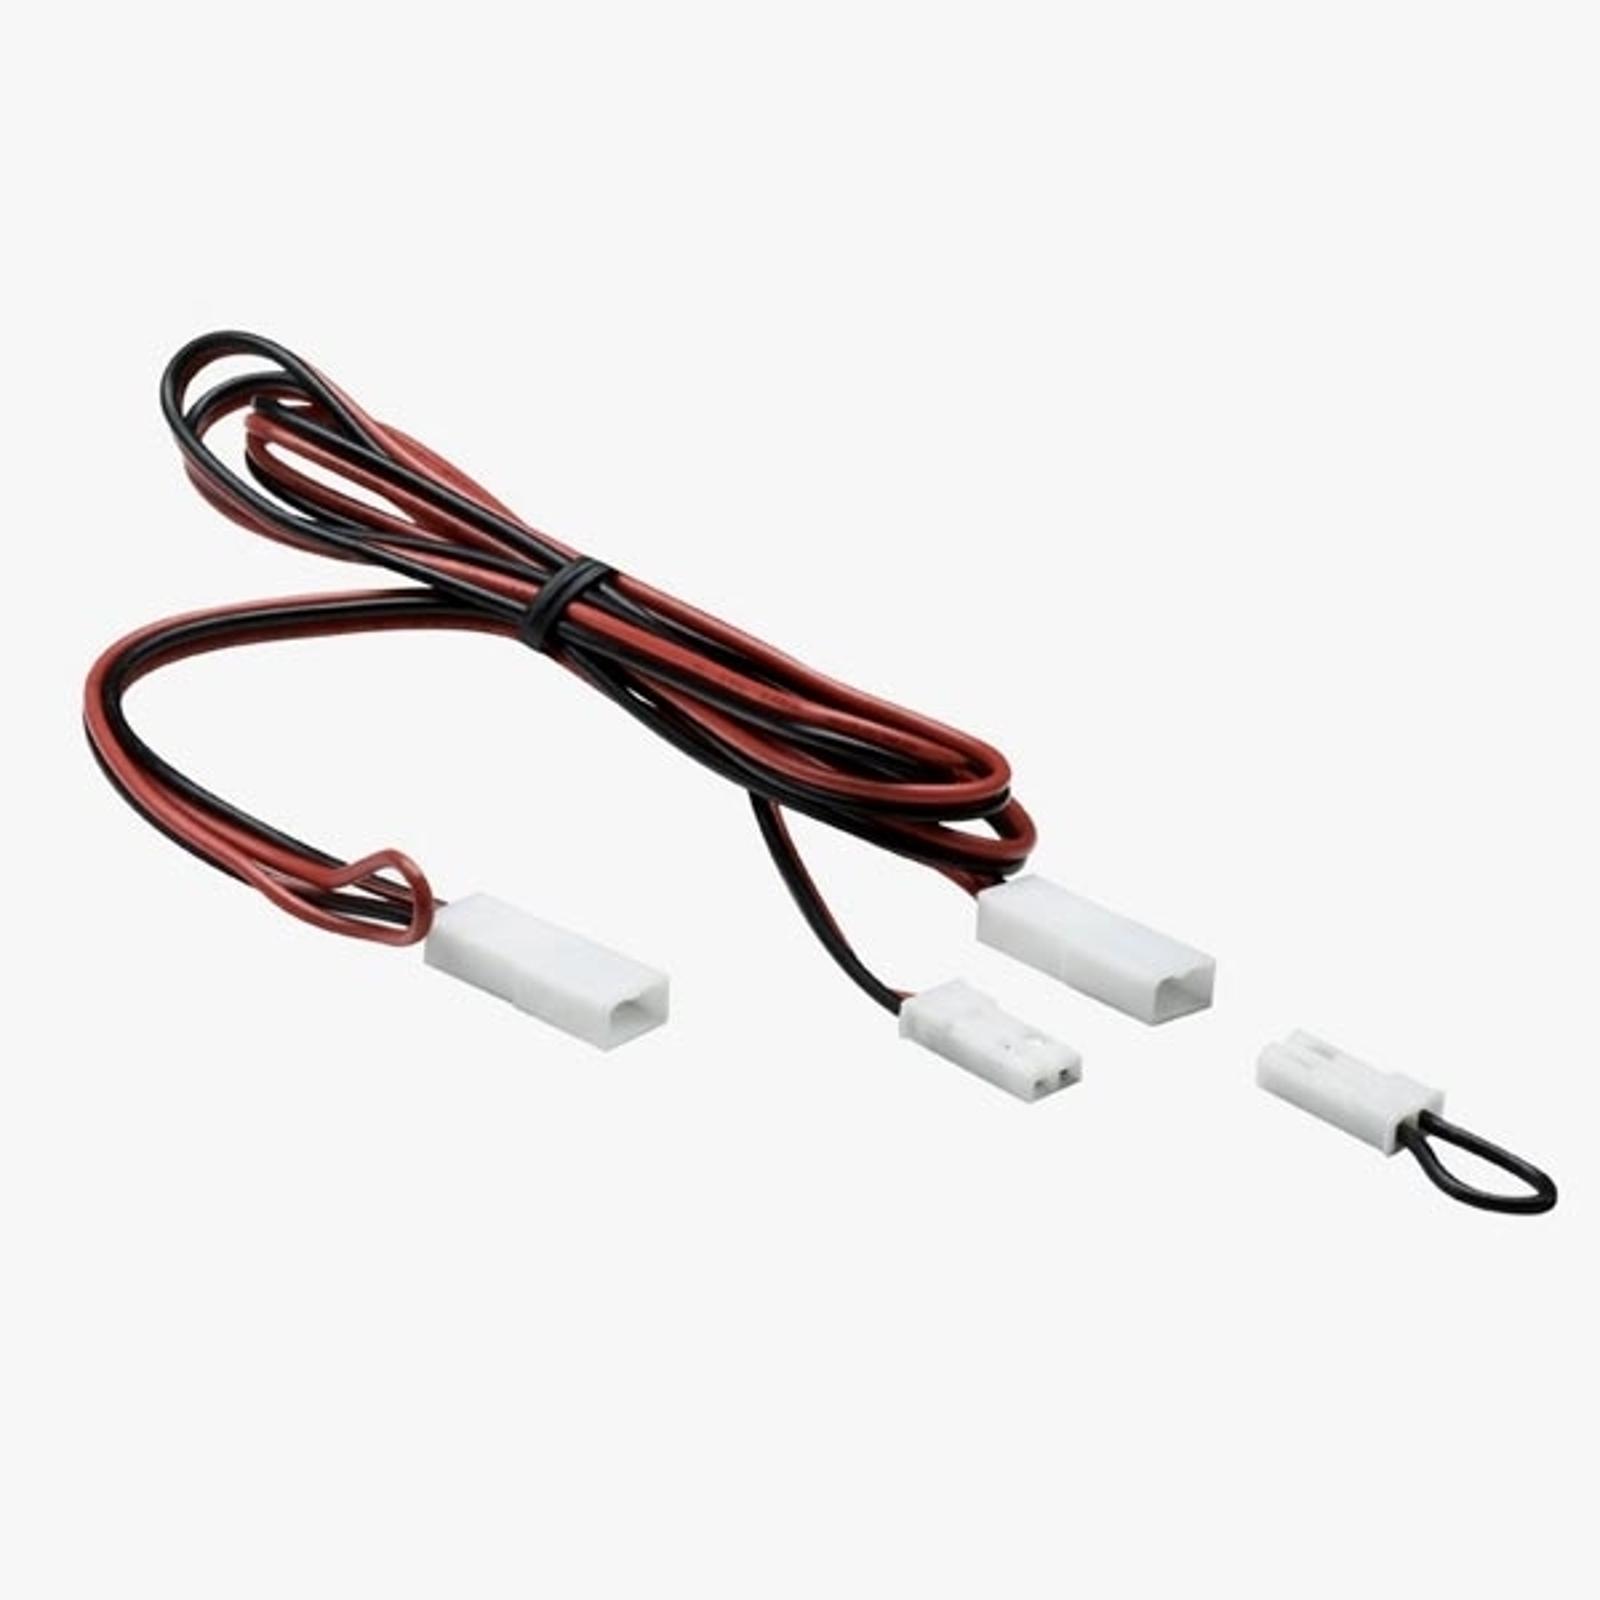 Kabeltre for pluggkontakt med konstantstrøm 1 m